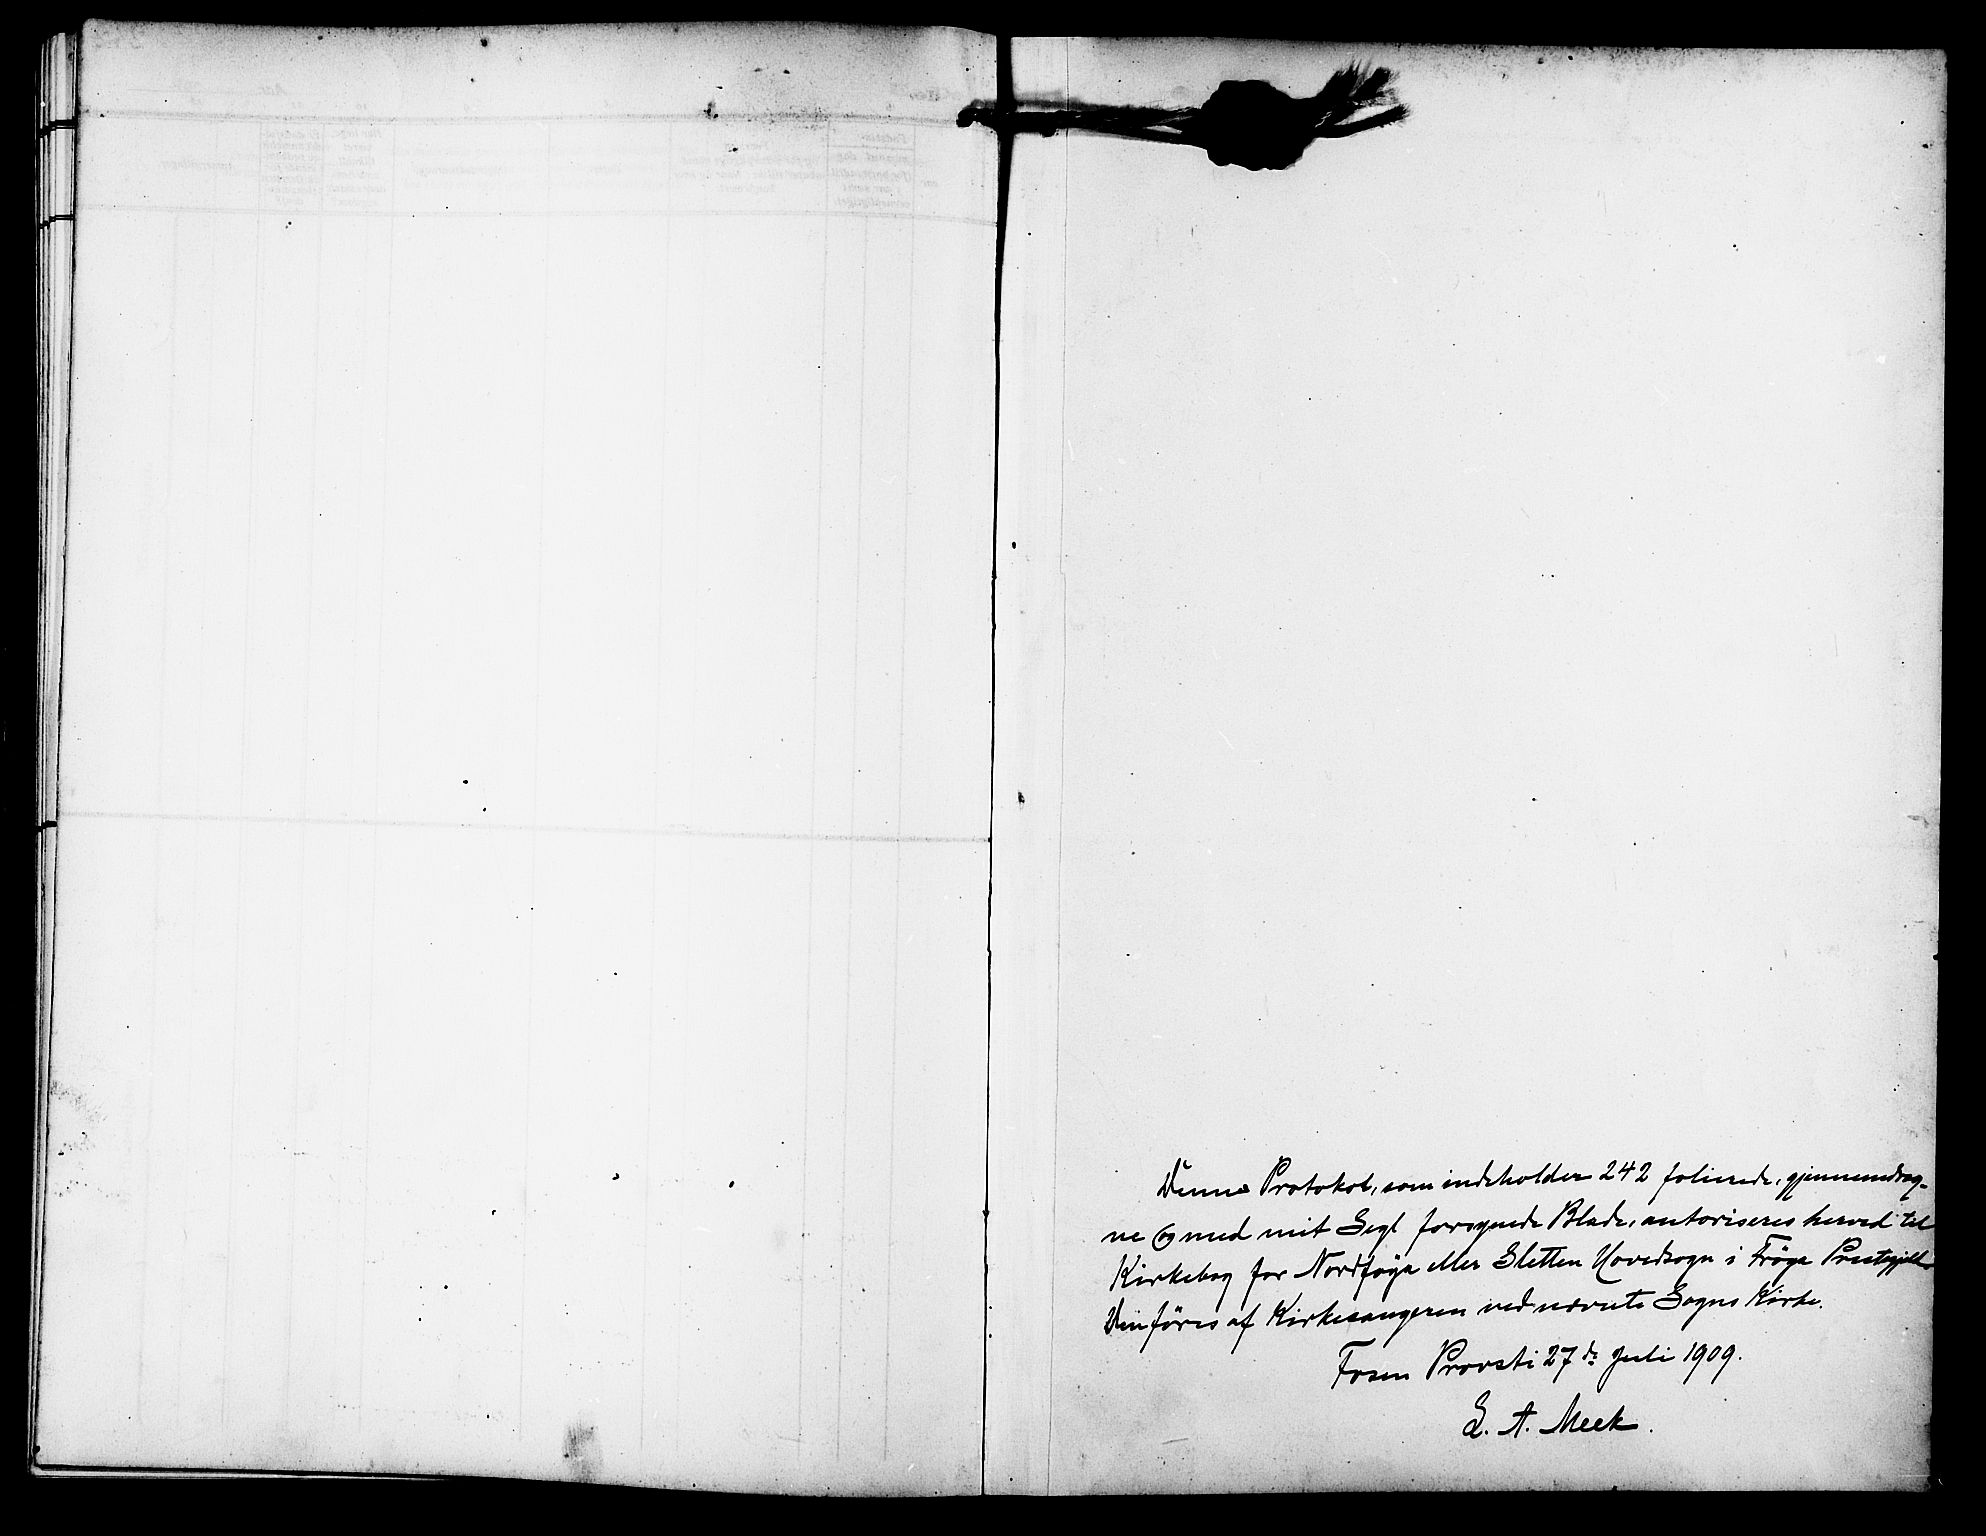 SAT, Ministerialprotokoller, klokkerbøker og fødselsregistre - Sør-Trøndelag, 640/L0588: Klokkerbok nr. 640C05, 1909-1922